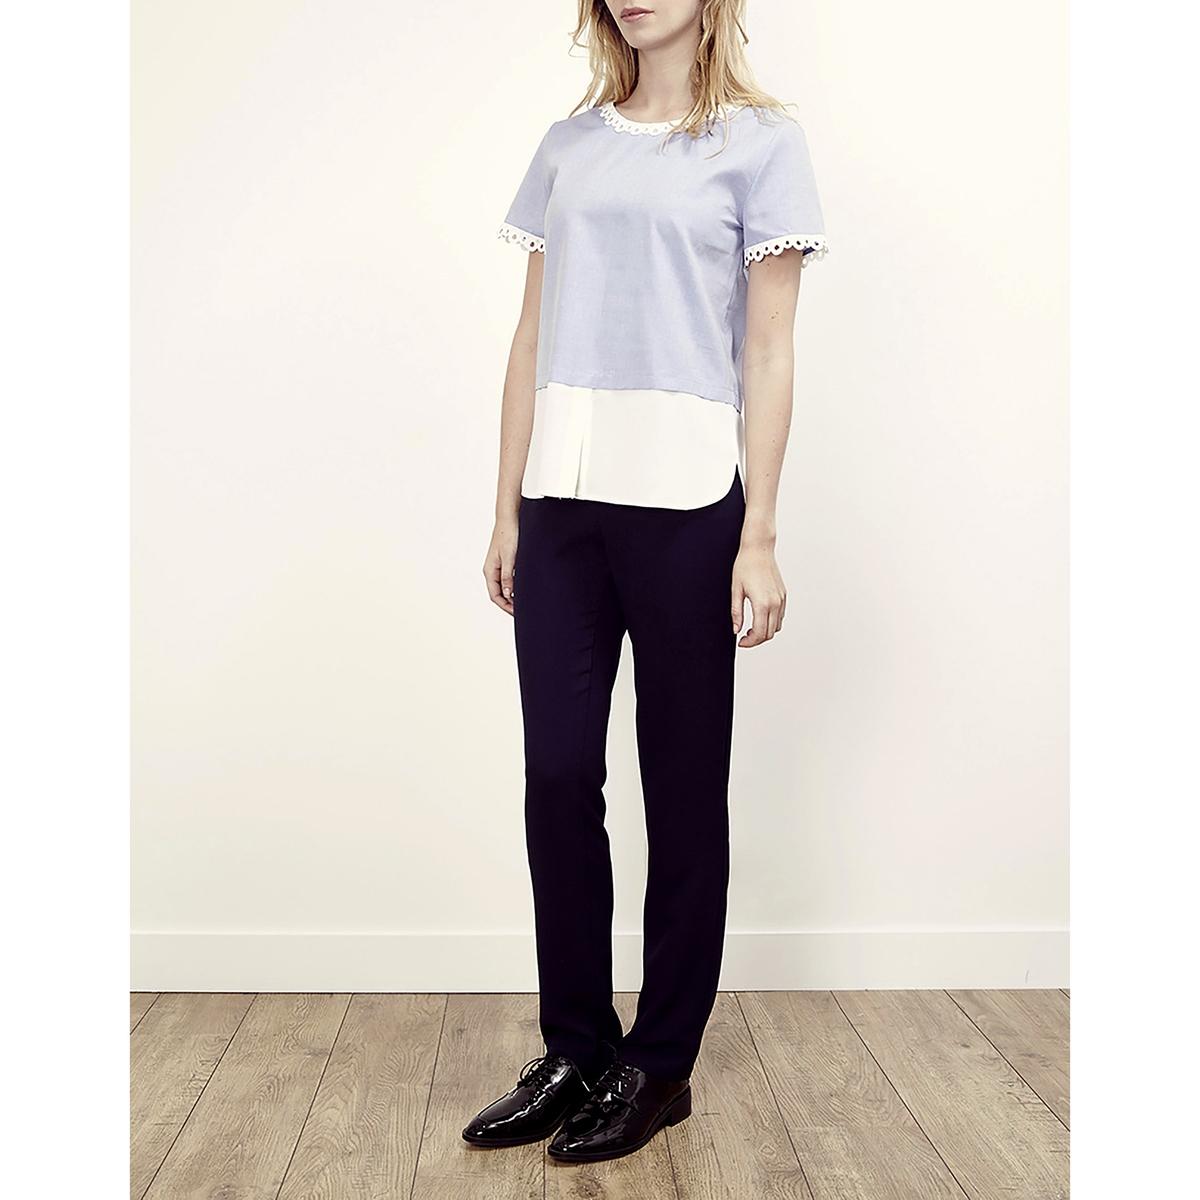 Блузка с круглым вырезом, с кружевом и короткими рукавами LENNY B, TOUCAN lenny b блузка